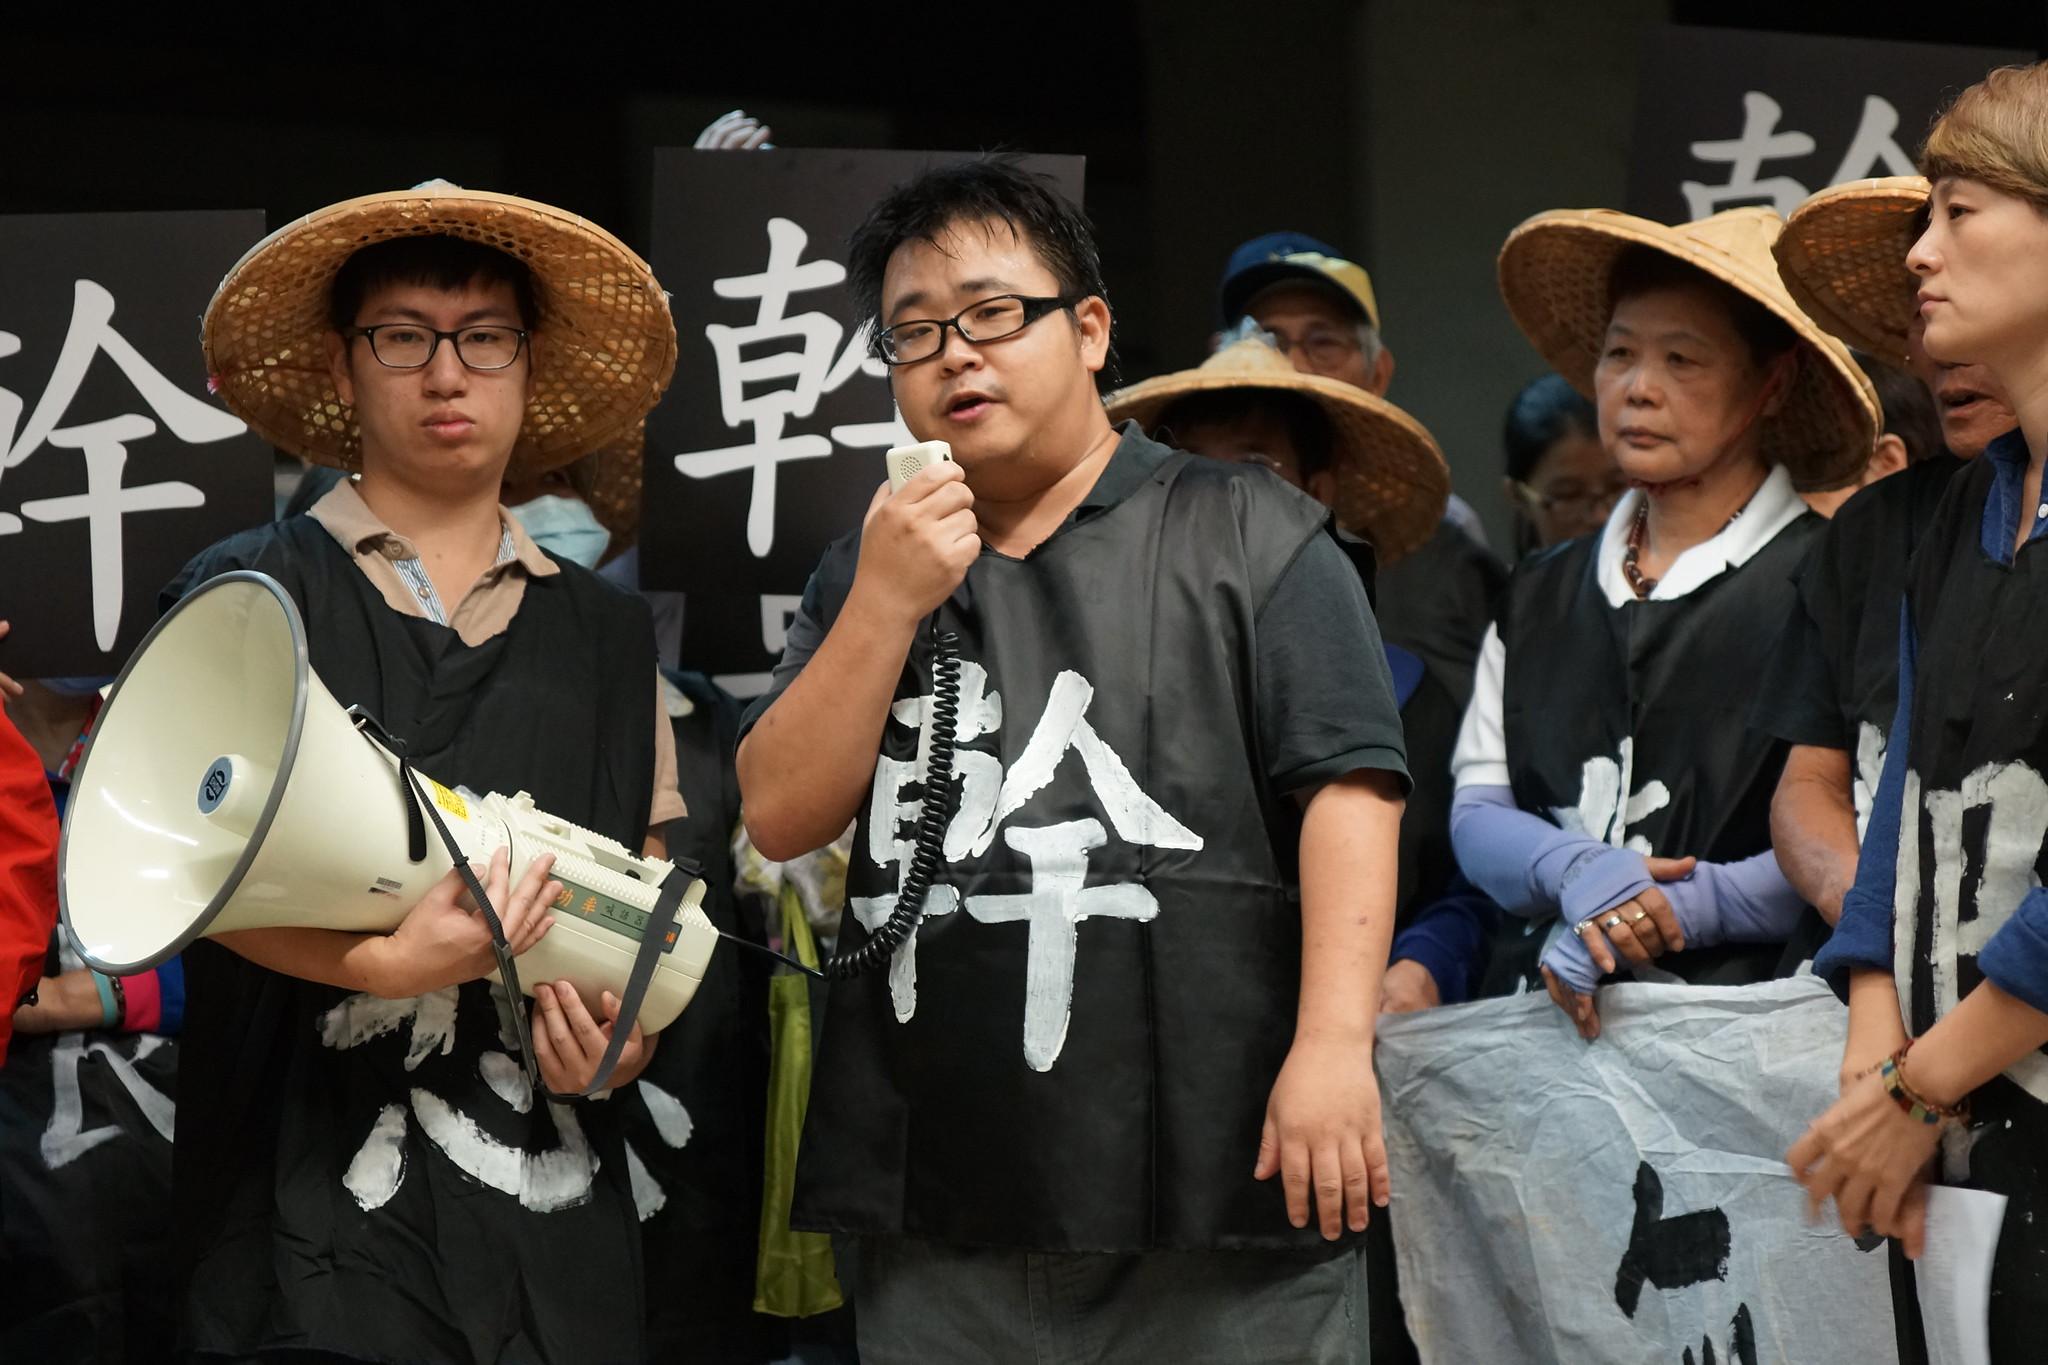 劉繼蔚諷刺蔡英文政府向工人開罰是在「幫馬英九平反」。(攝影:王顥中)